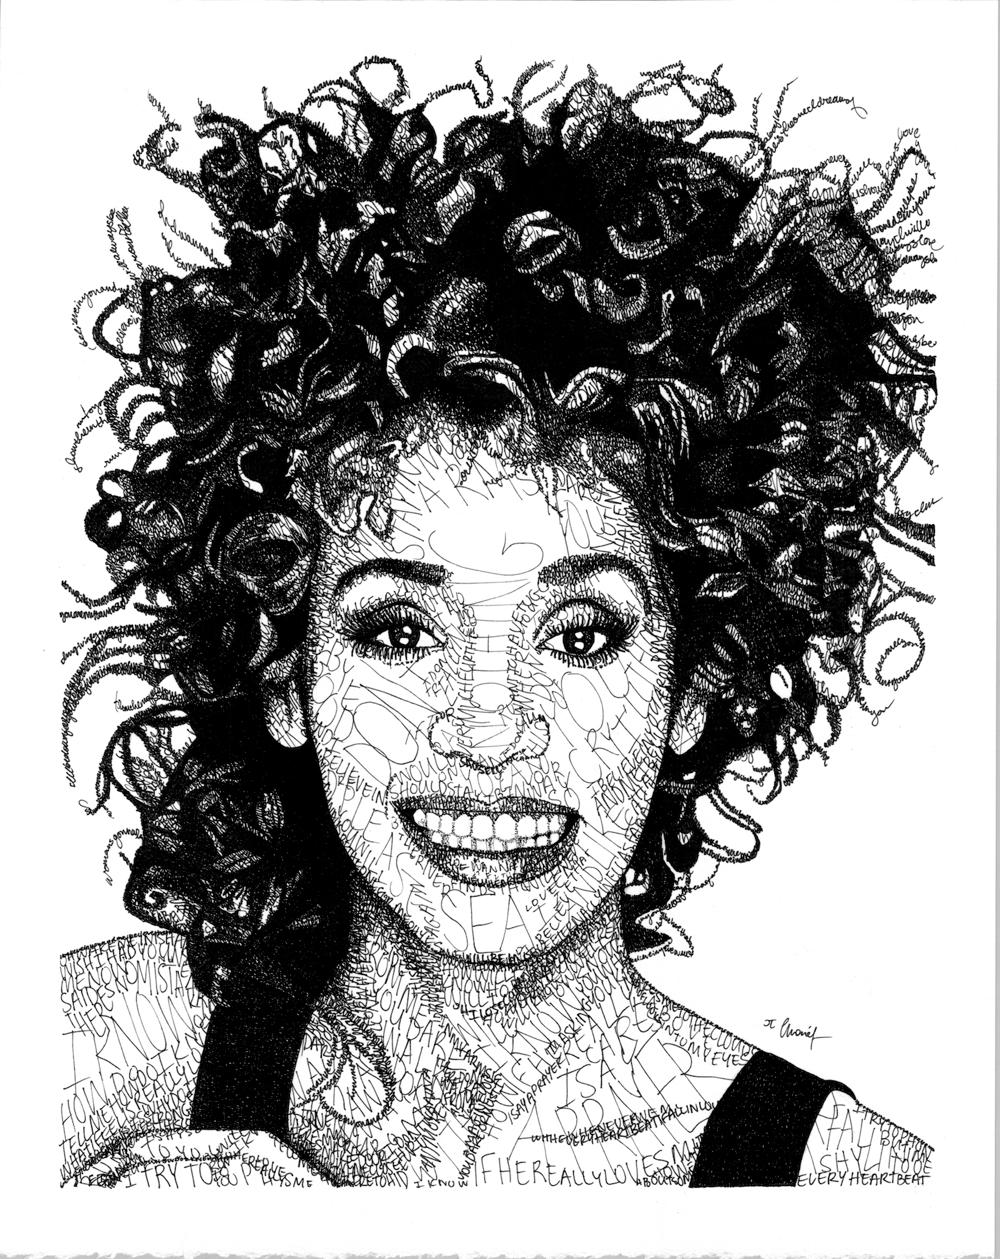 Image of Whitney Houston